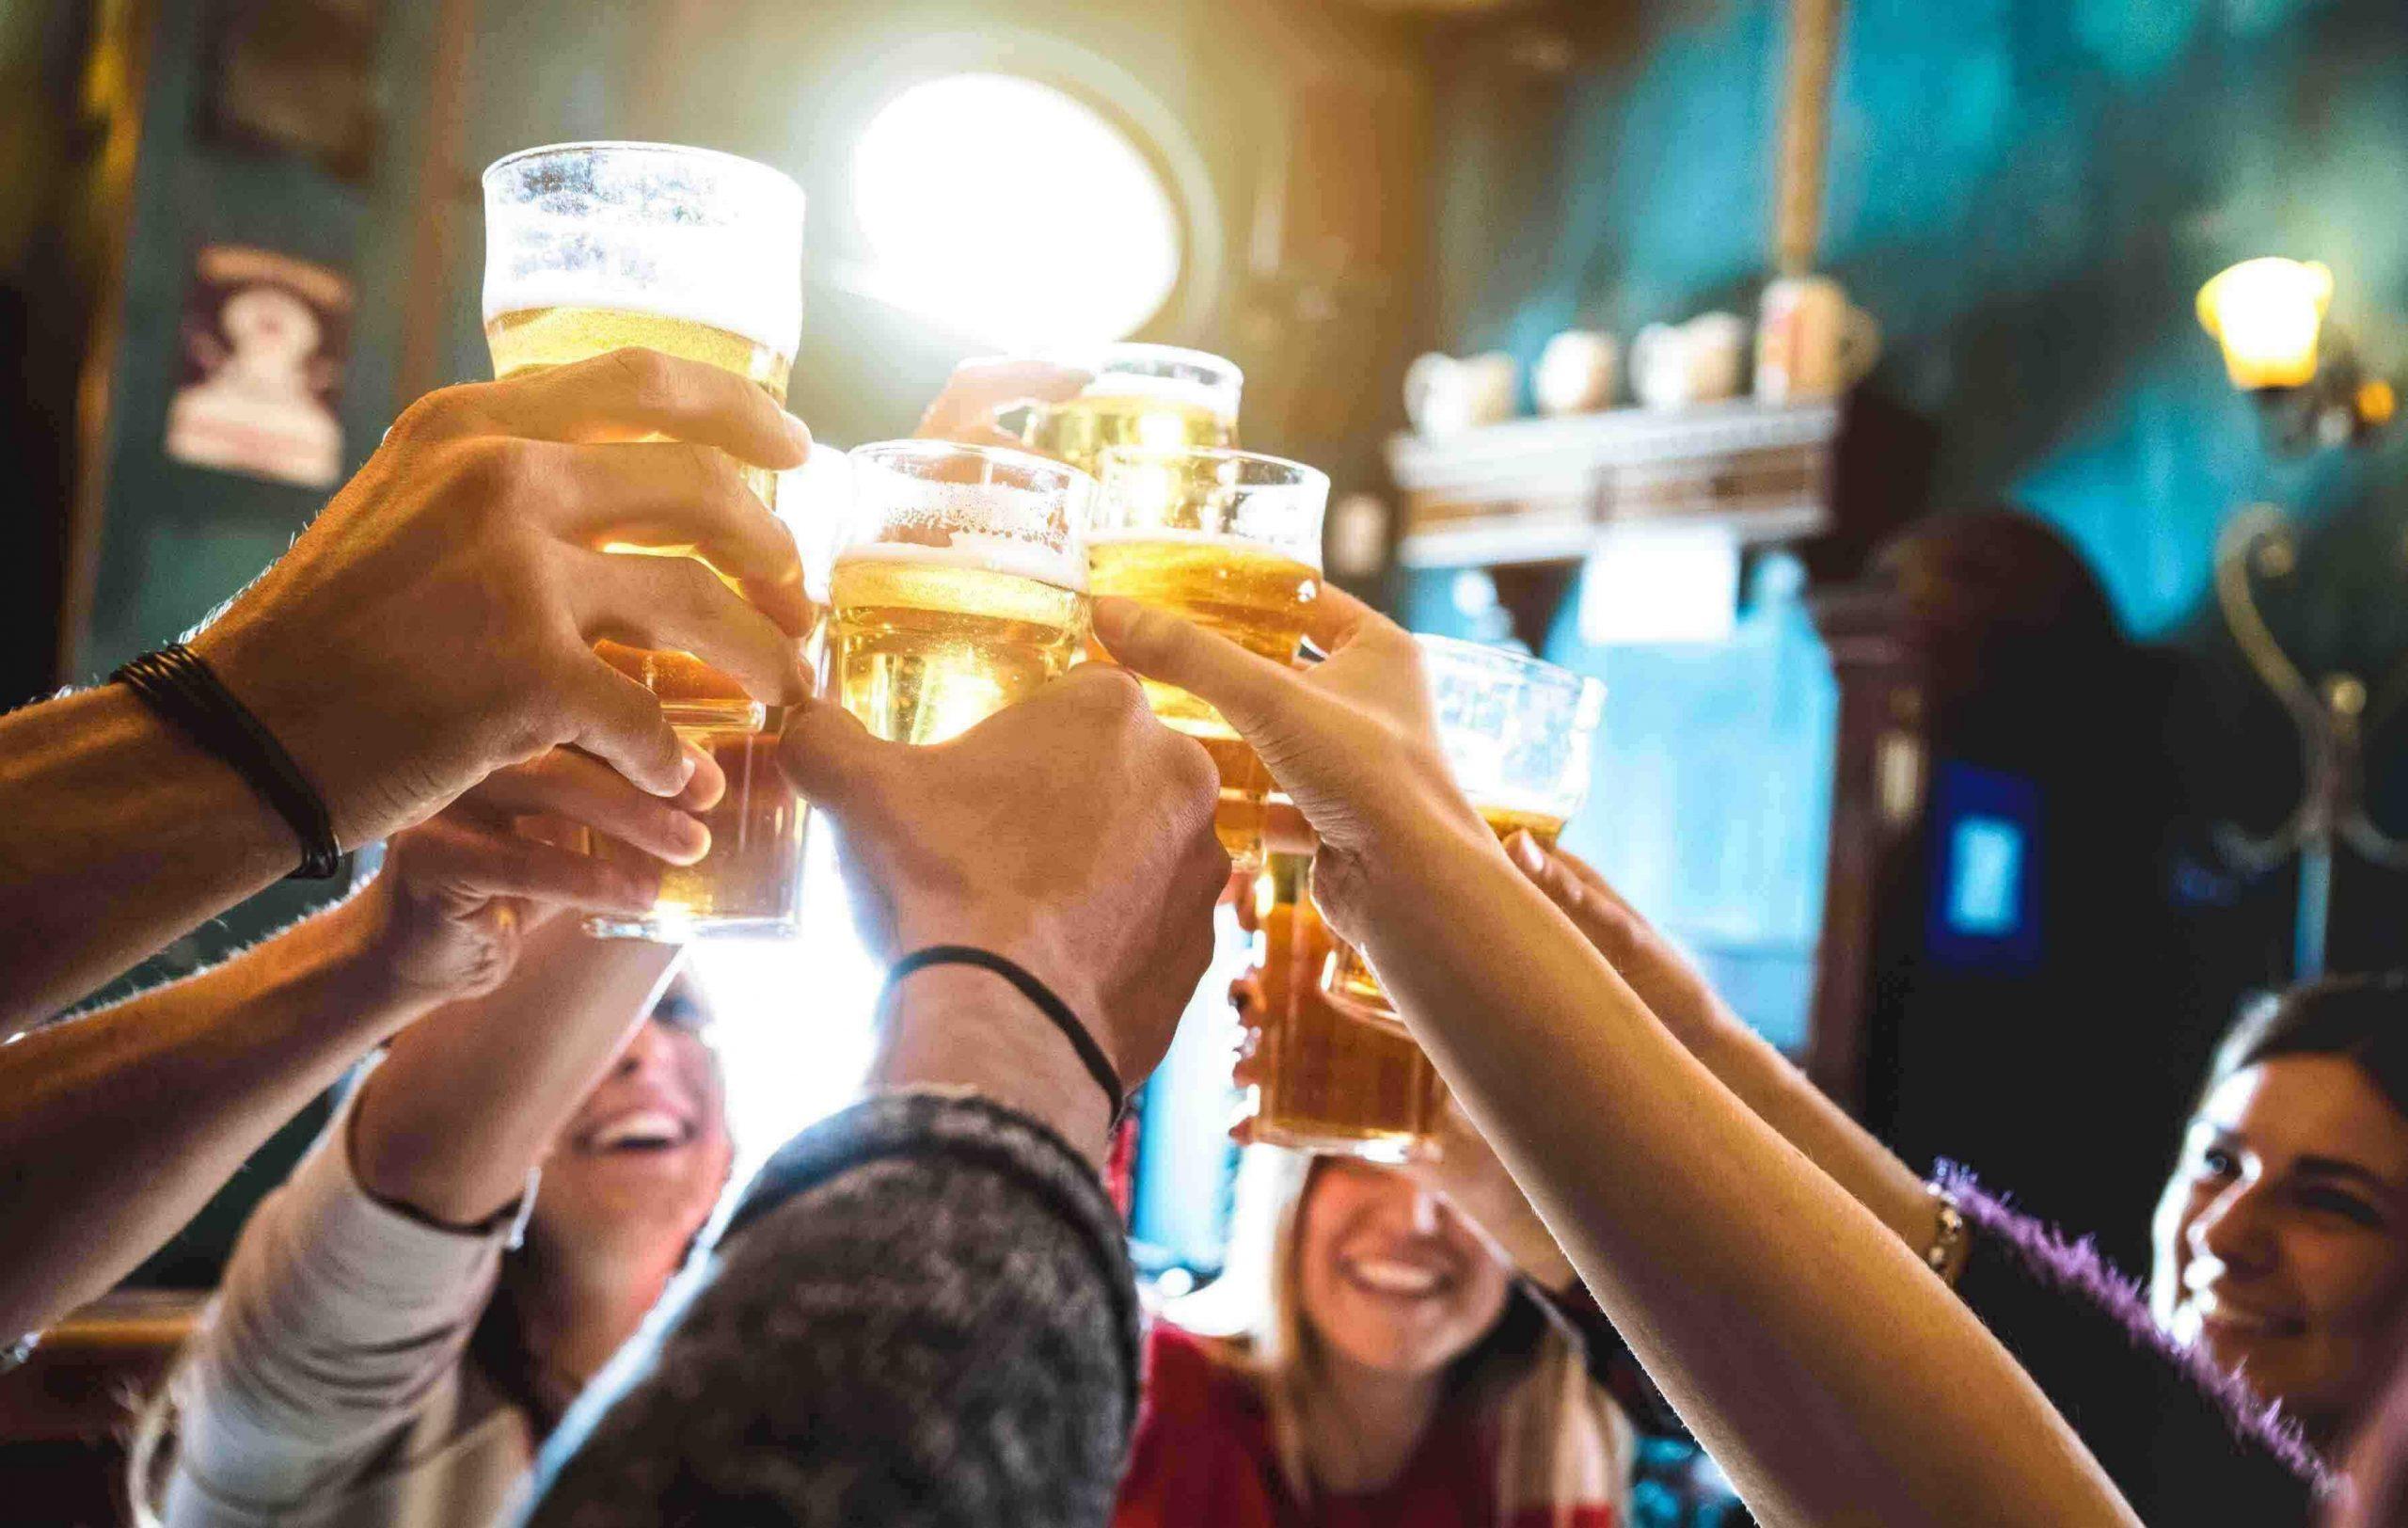 Est-il dangereux de boire de l'alcool tous les jours?